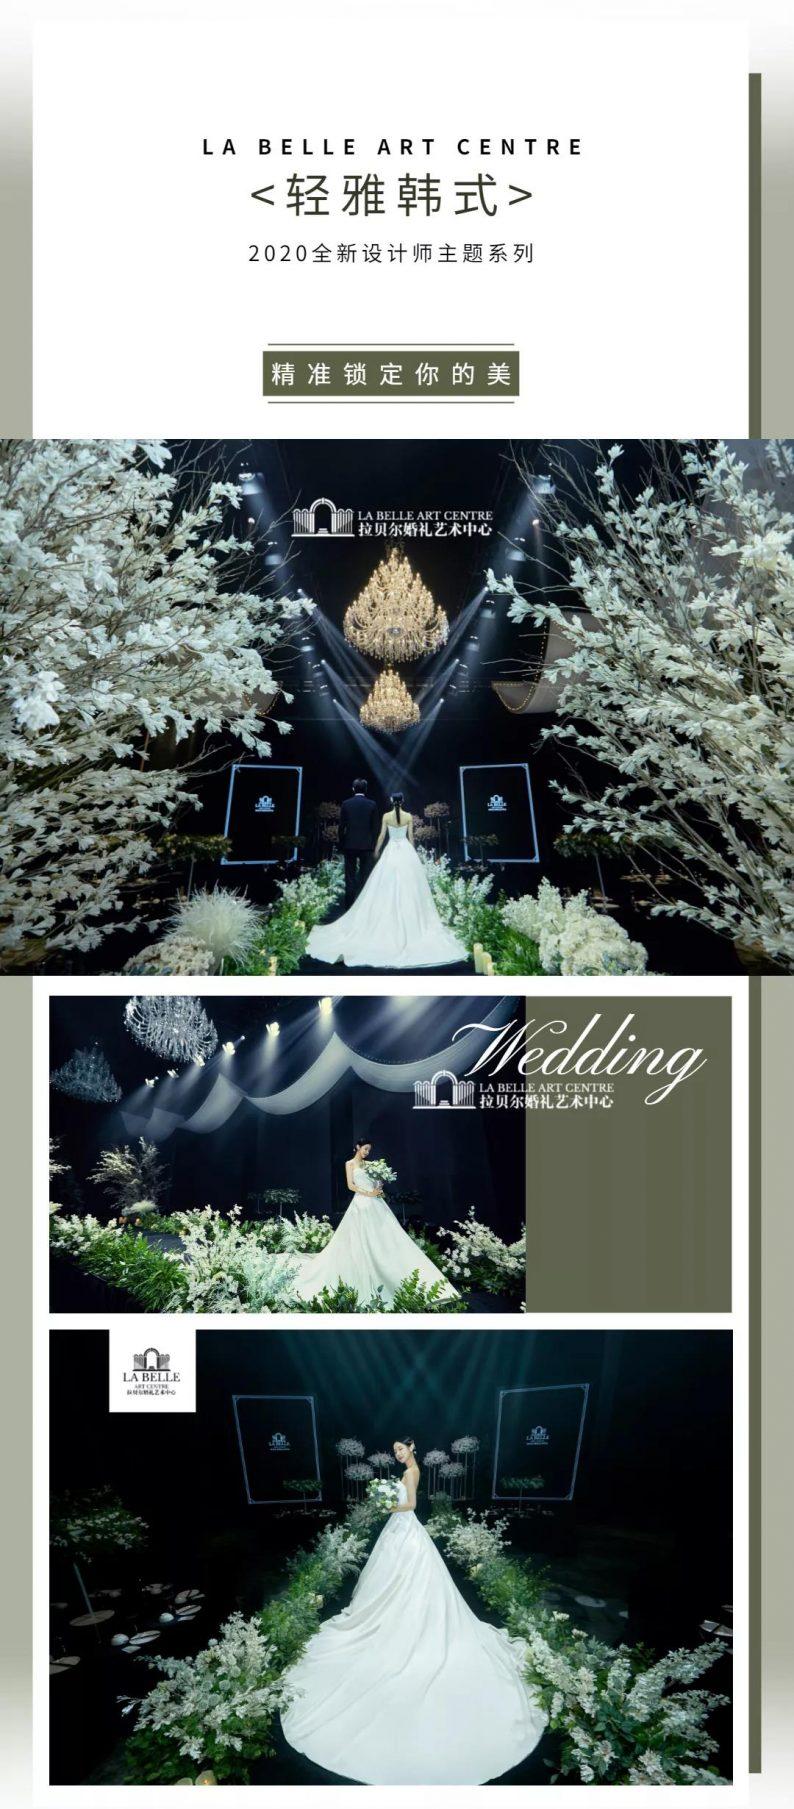 婚礼堂发布:全新风格宴会厅,备受新人瞩目  第4张